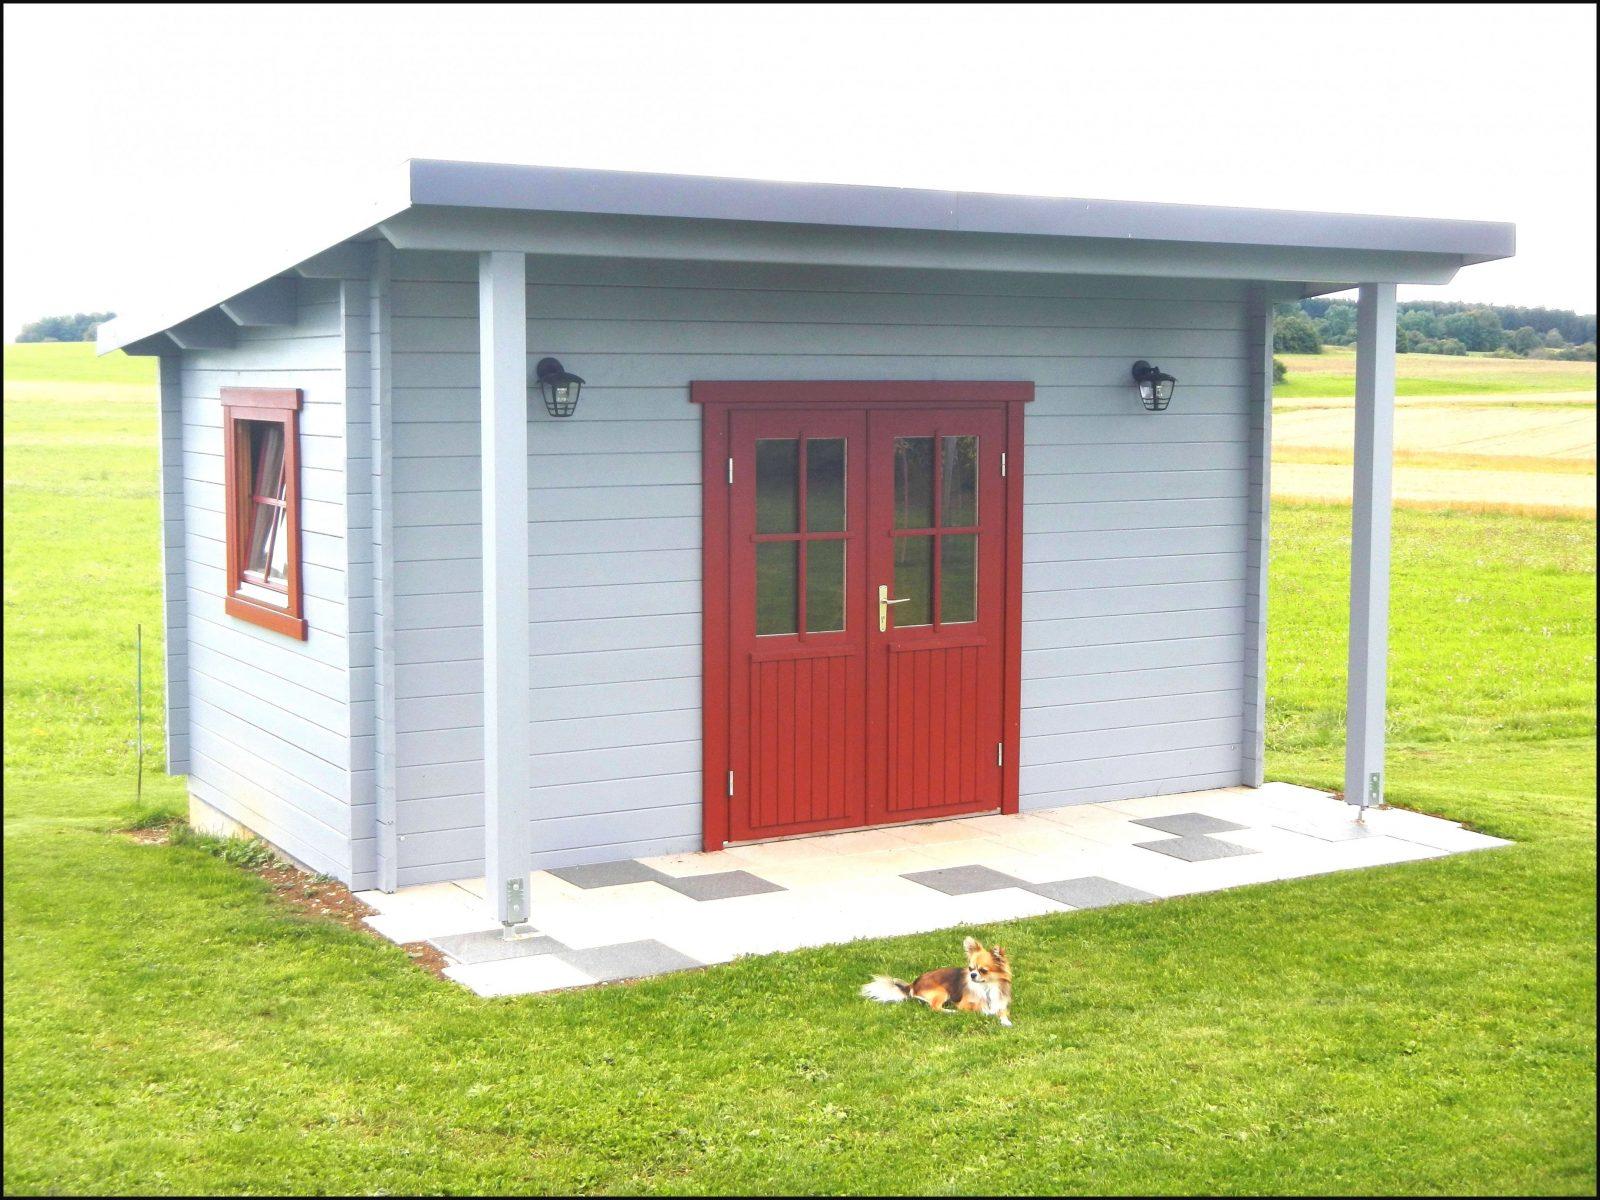 40 Inspirierend Gartenhaus Selber Bauen Bilder Konzept Gartenhaus 28 von Pultdach Garage Selber Bauen Photo